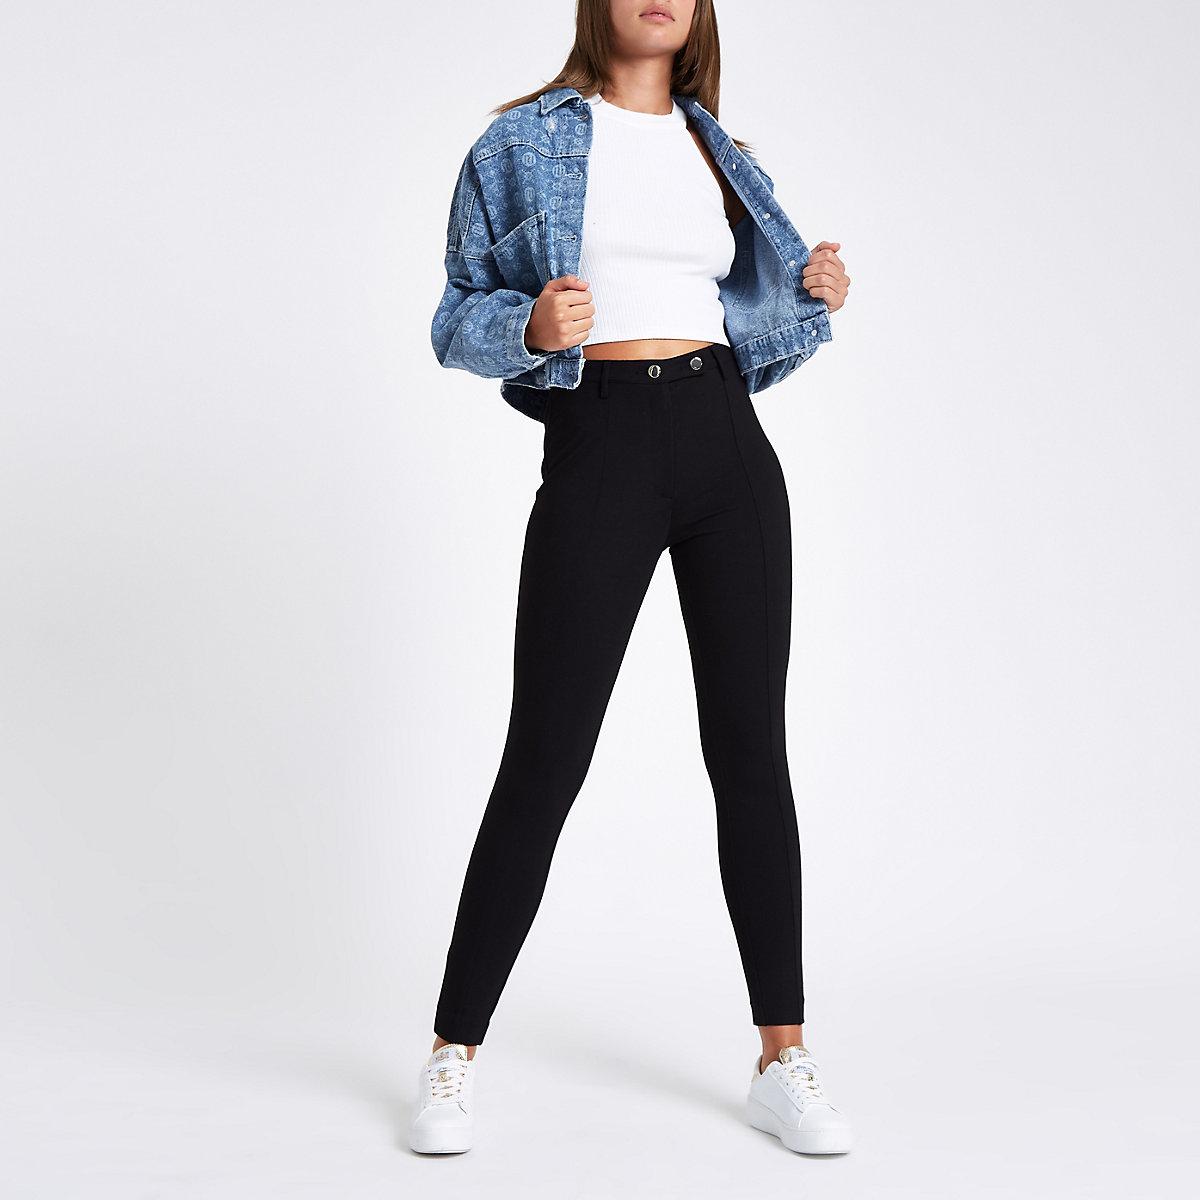 Pantalon ajusté noir taille haute - Pantalons skinny - Pantalons - Femme 488d830fe84